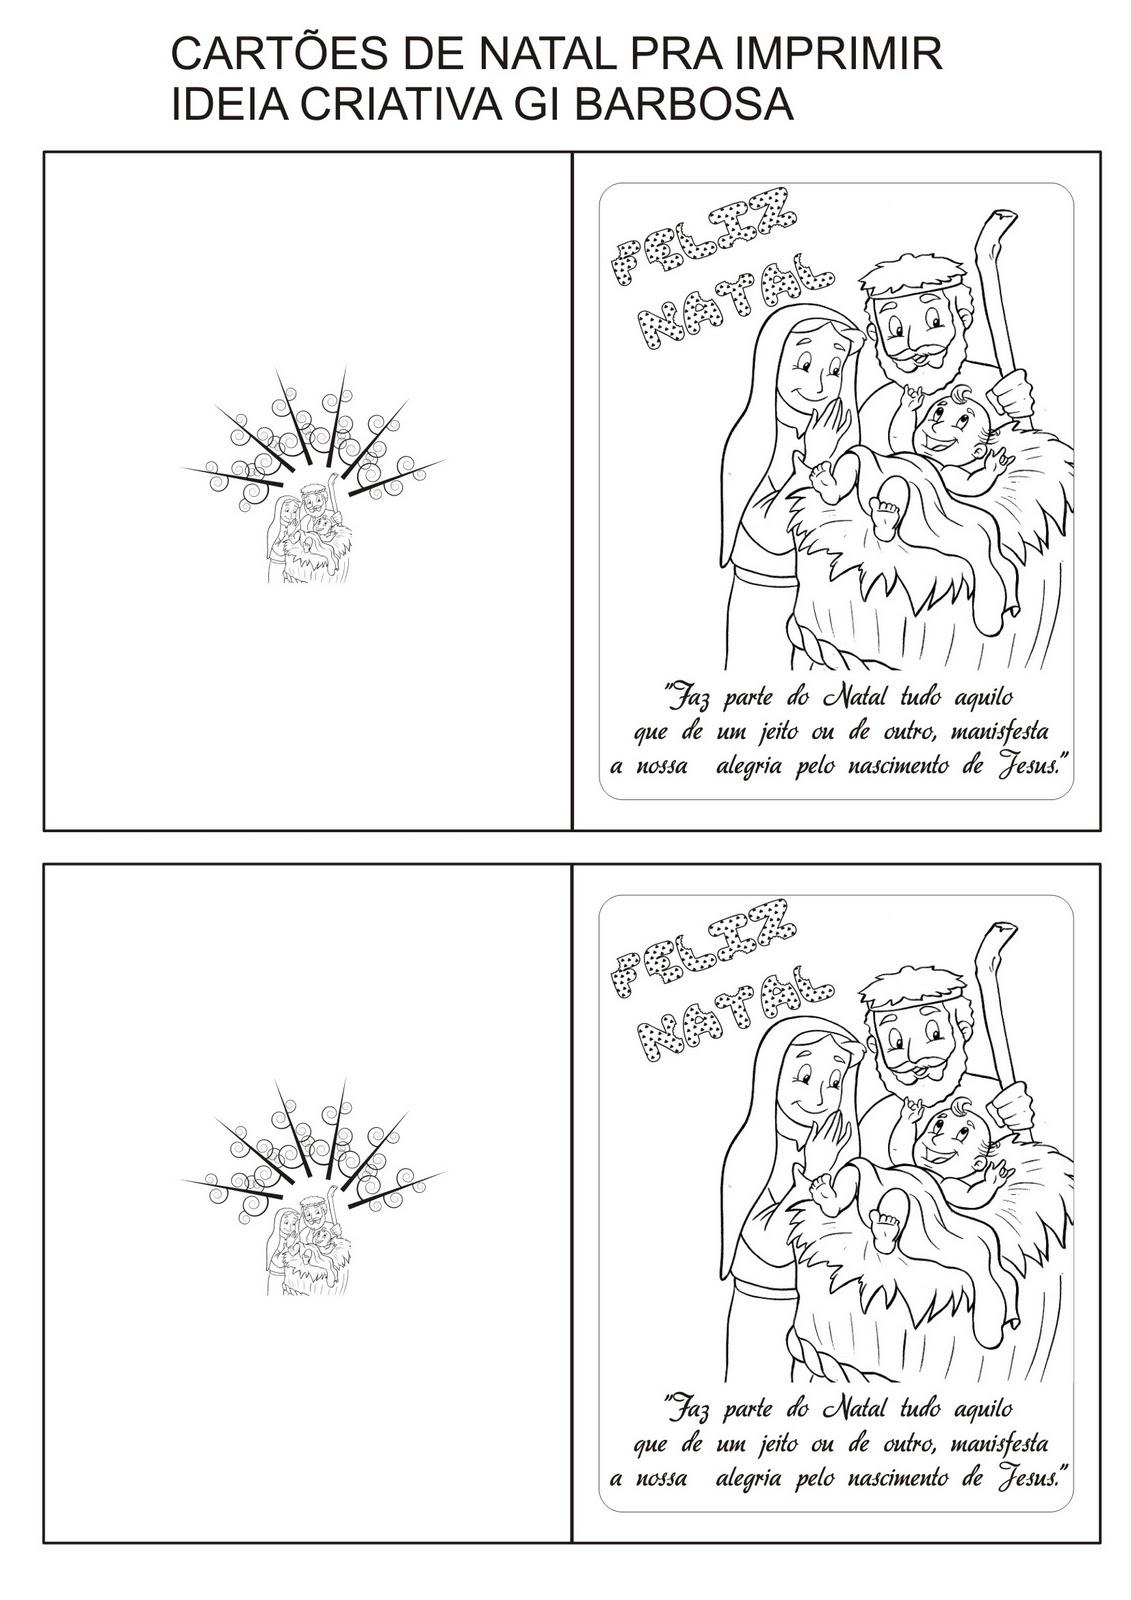 cartão natal cristão pra imprimir ideia criativa gi carvalho